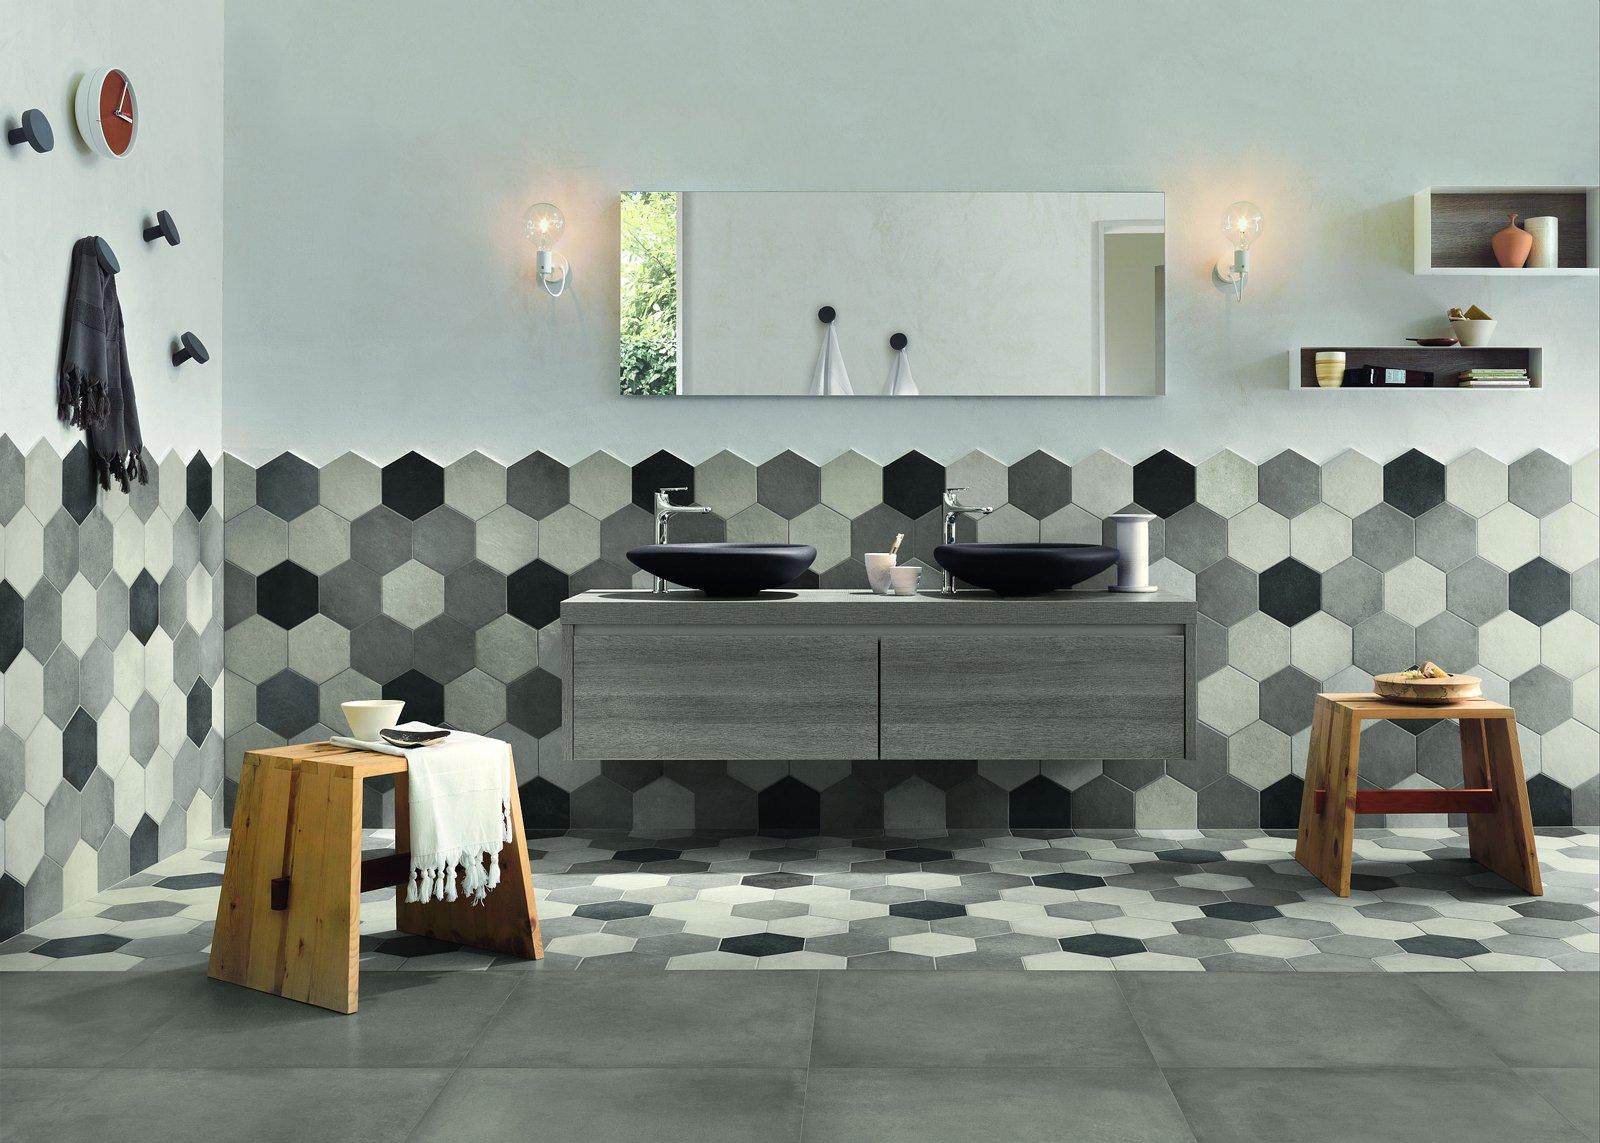 piastrelle esagonali ritorno alla tradizione cose di casa. Black Bedroom Furniture Sets. Home Design Ideas